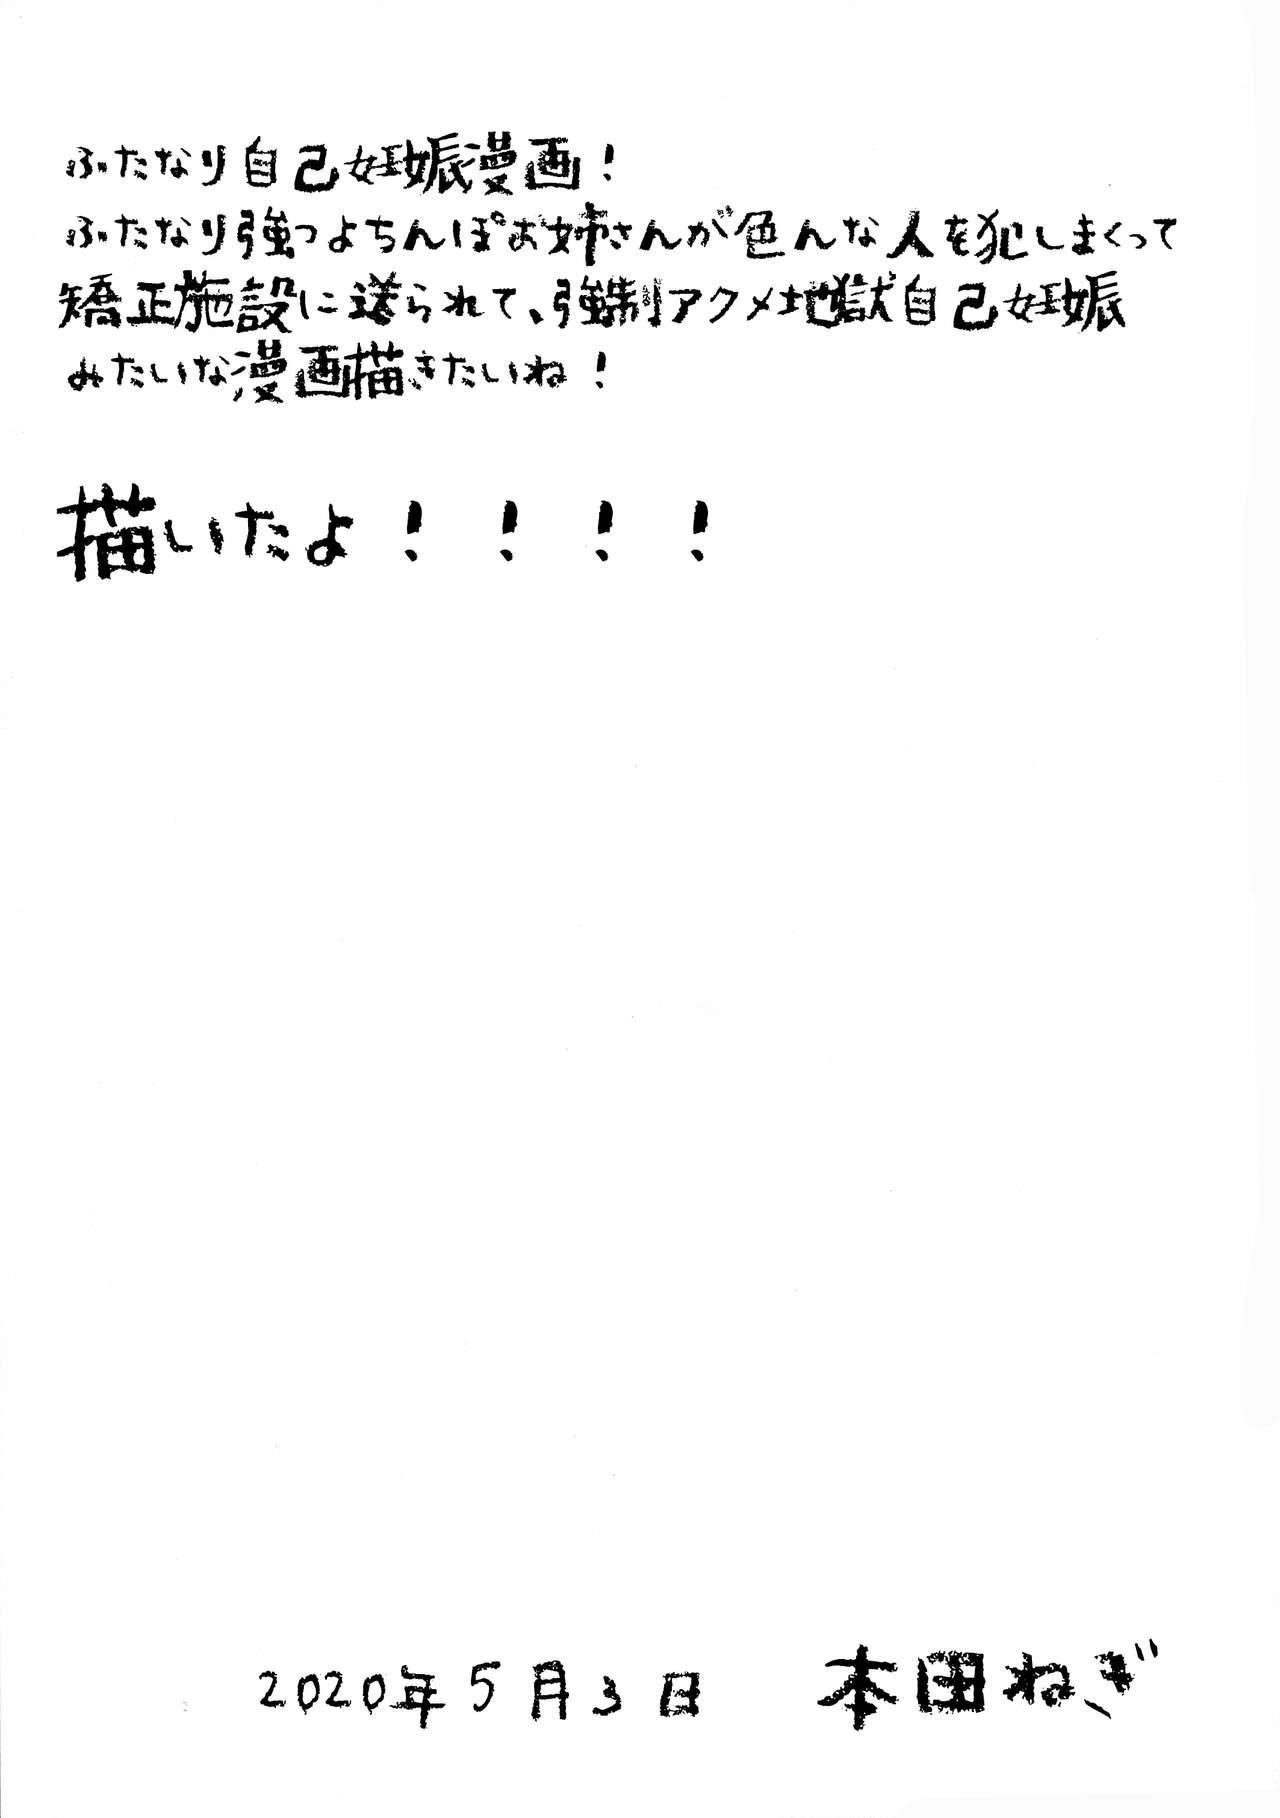 Futanari Gyaru ga Jiko Ninshin Suru Manga! 1